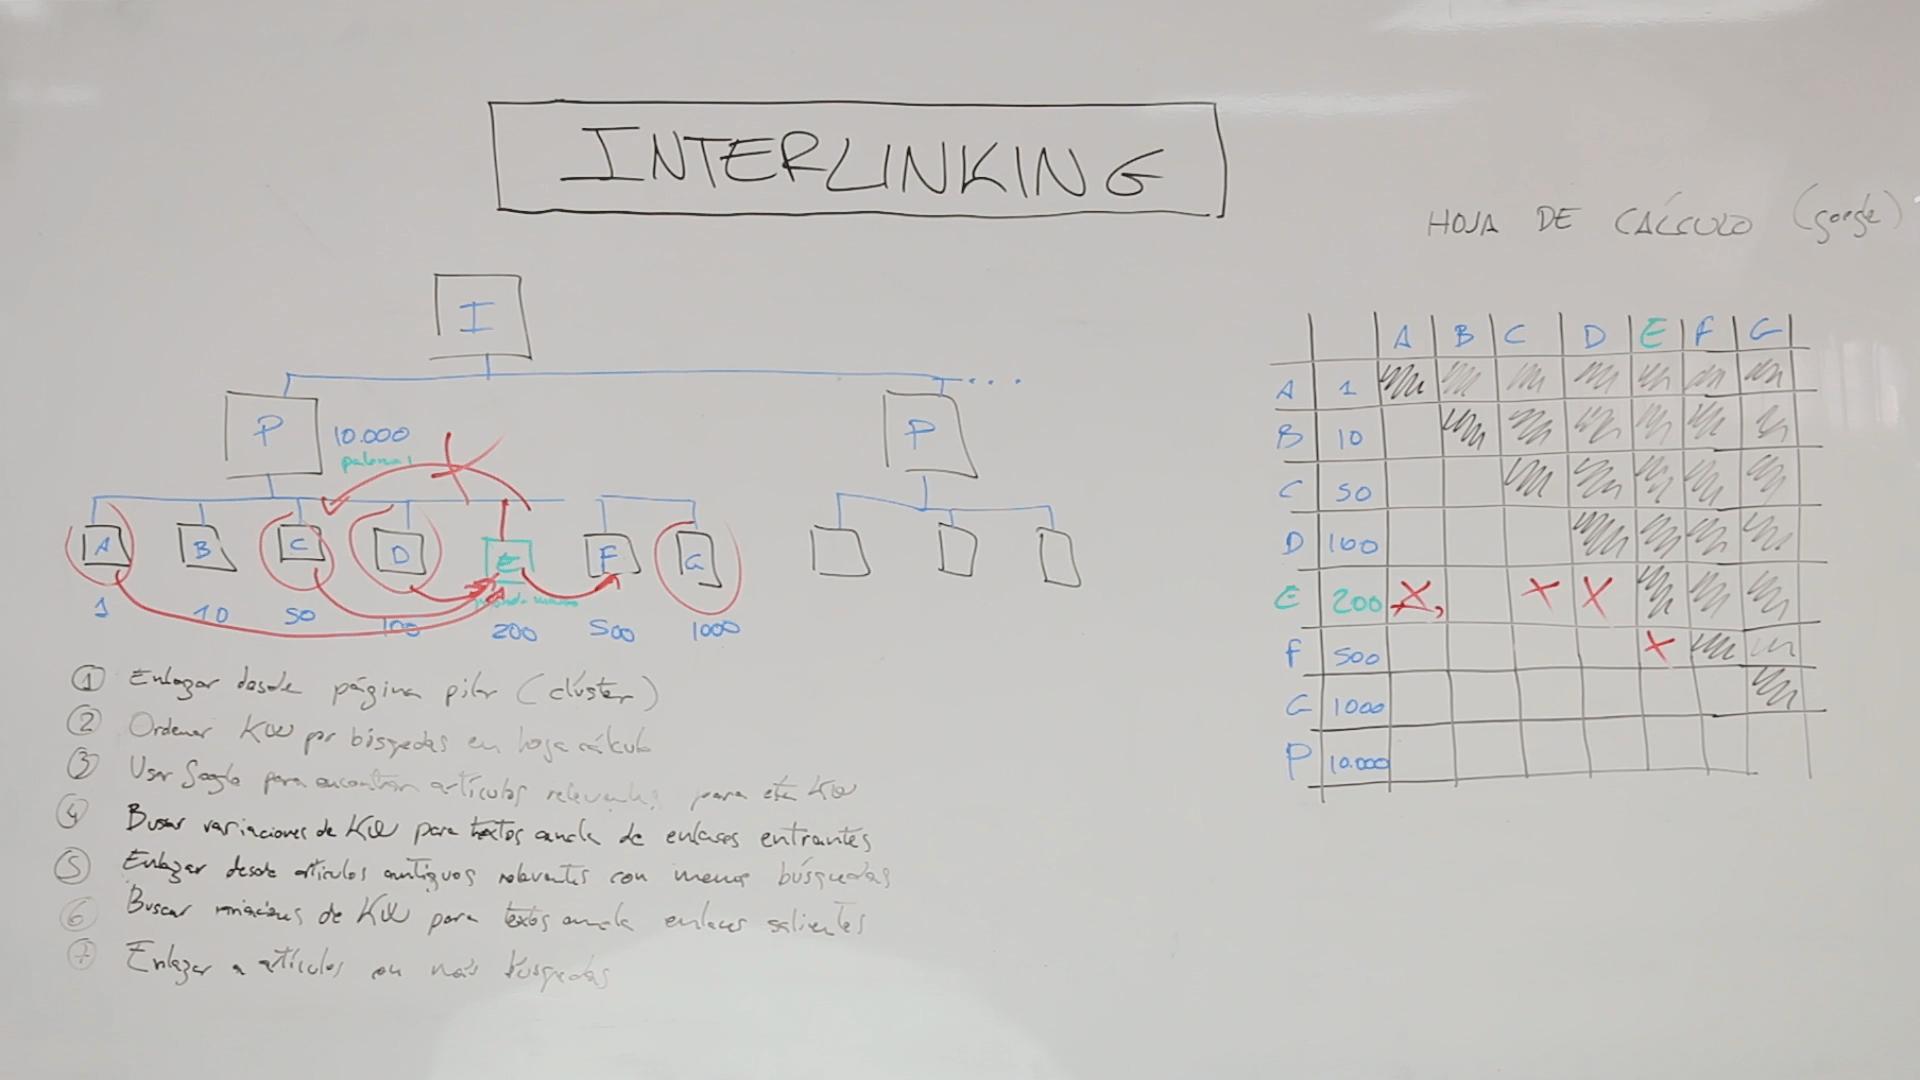 cómo hacer interlinking